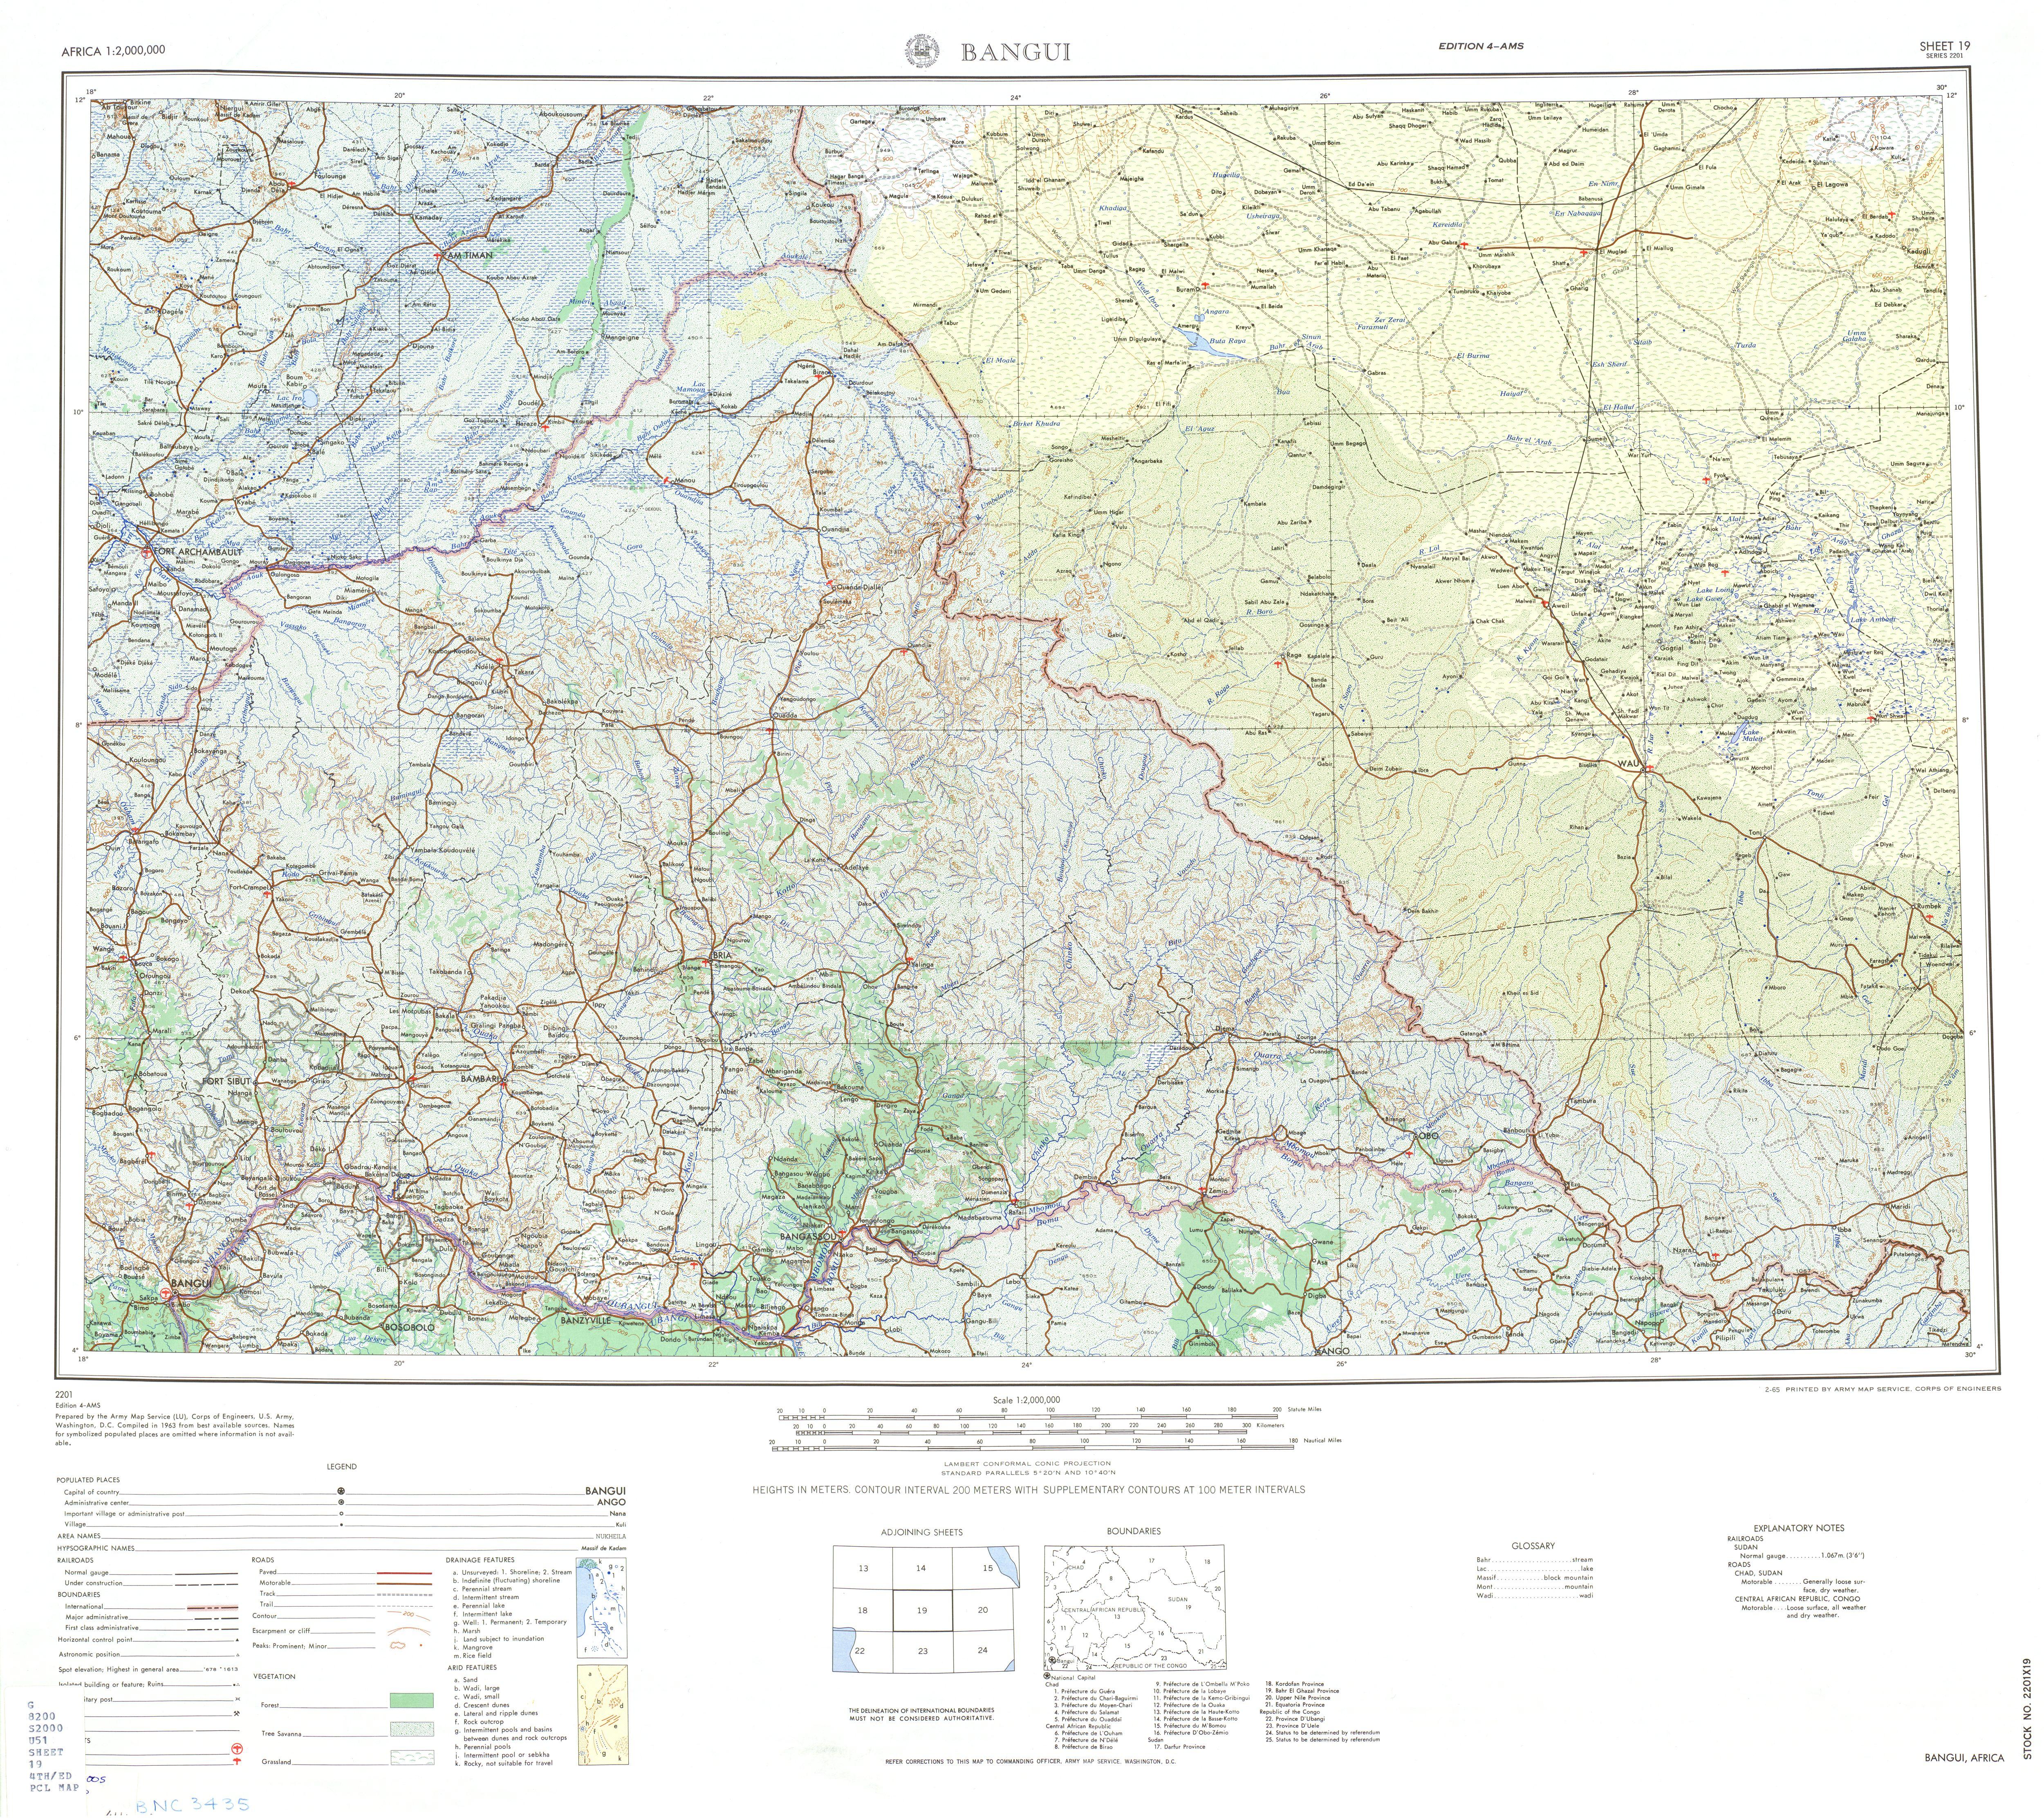 Hoja Bangui del Mapa Topográfico de África 1963